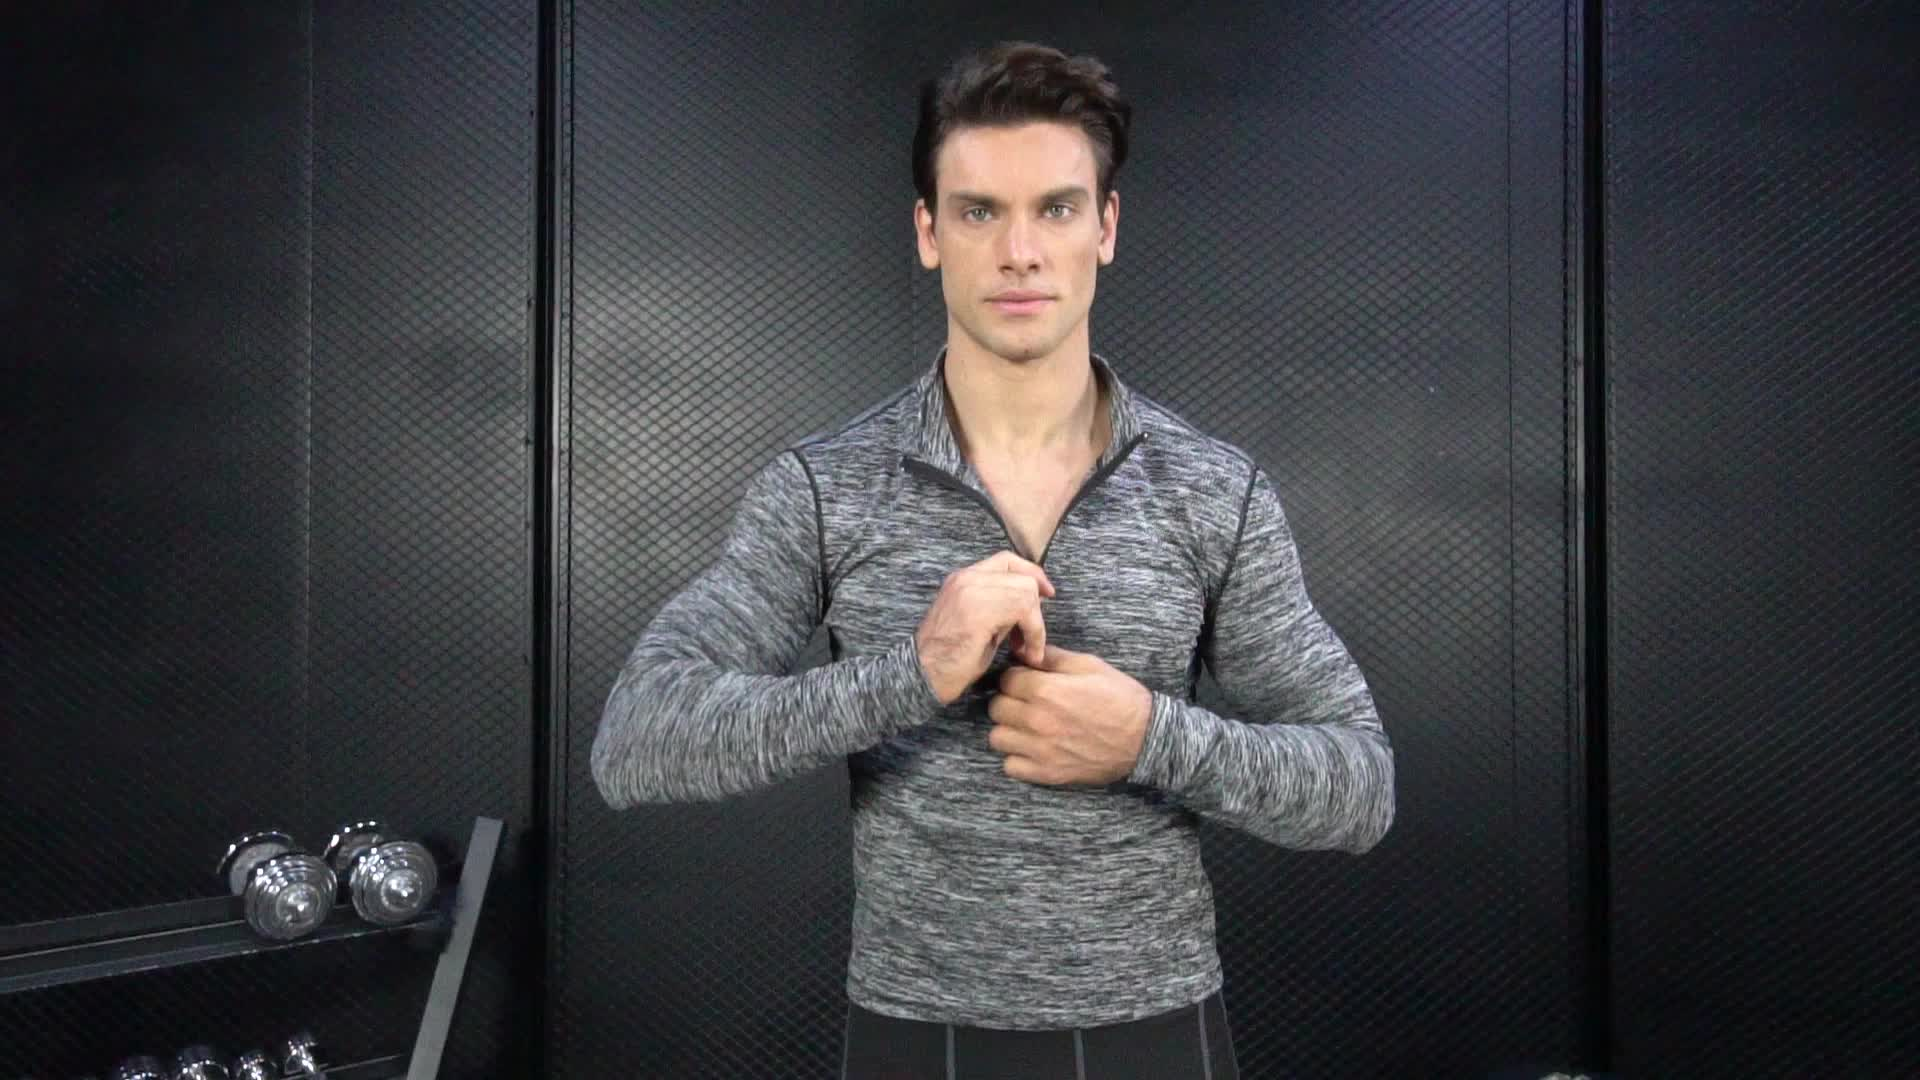 Chaquetas para hombre de alta calidad, Tops deportivos, ropa deportiva, 1/4 Zip, suéter activo, entrenamiento, gimnasio, camisetas de manga larga